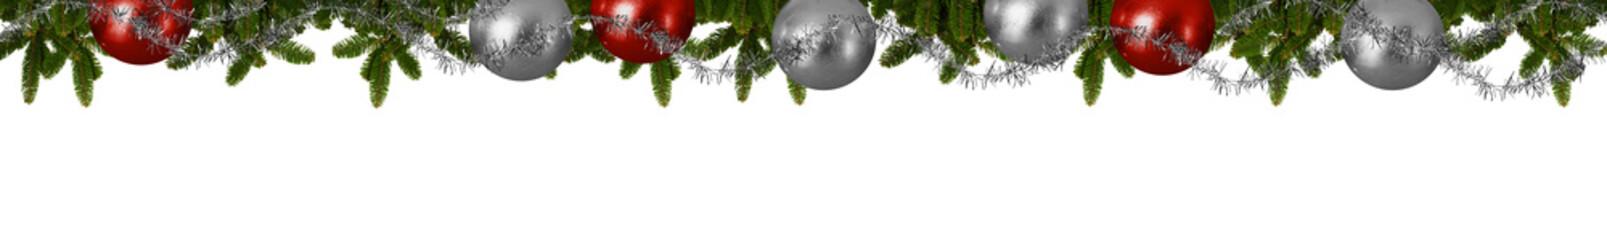 Weihnachtliches Panorama - Tannenzweige mit Christbaumkugeln